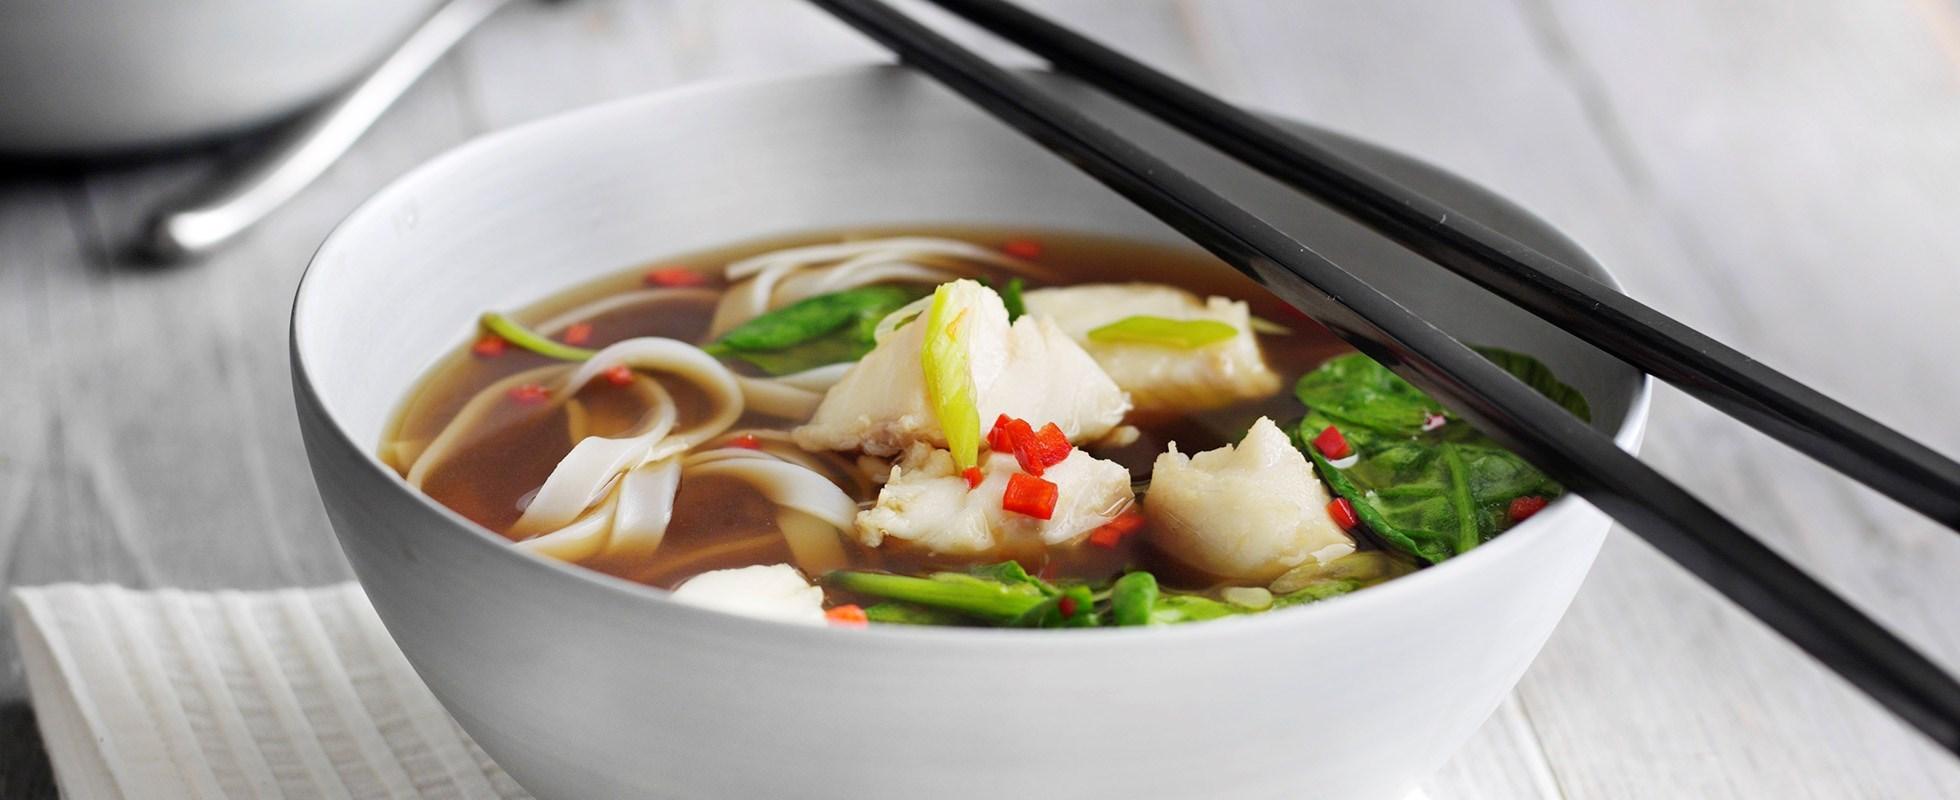 asian hot and sour noodle soup